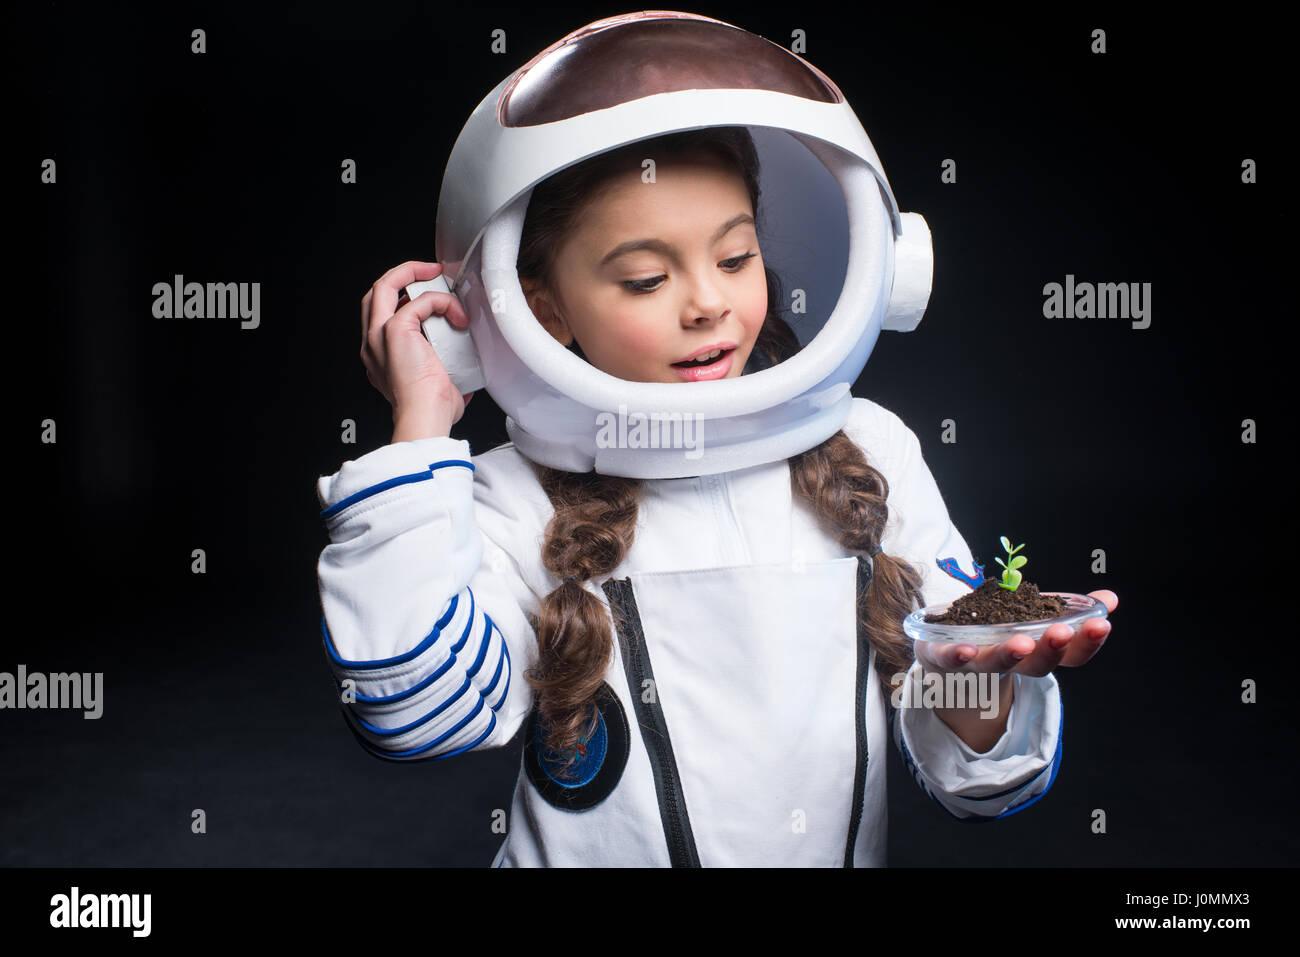 girl in astronaut helmet - photo #17